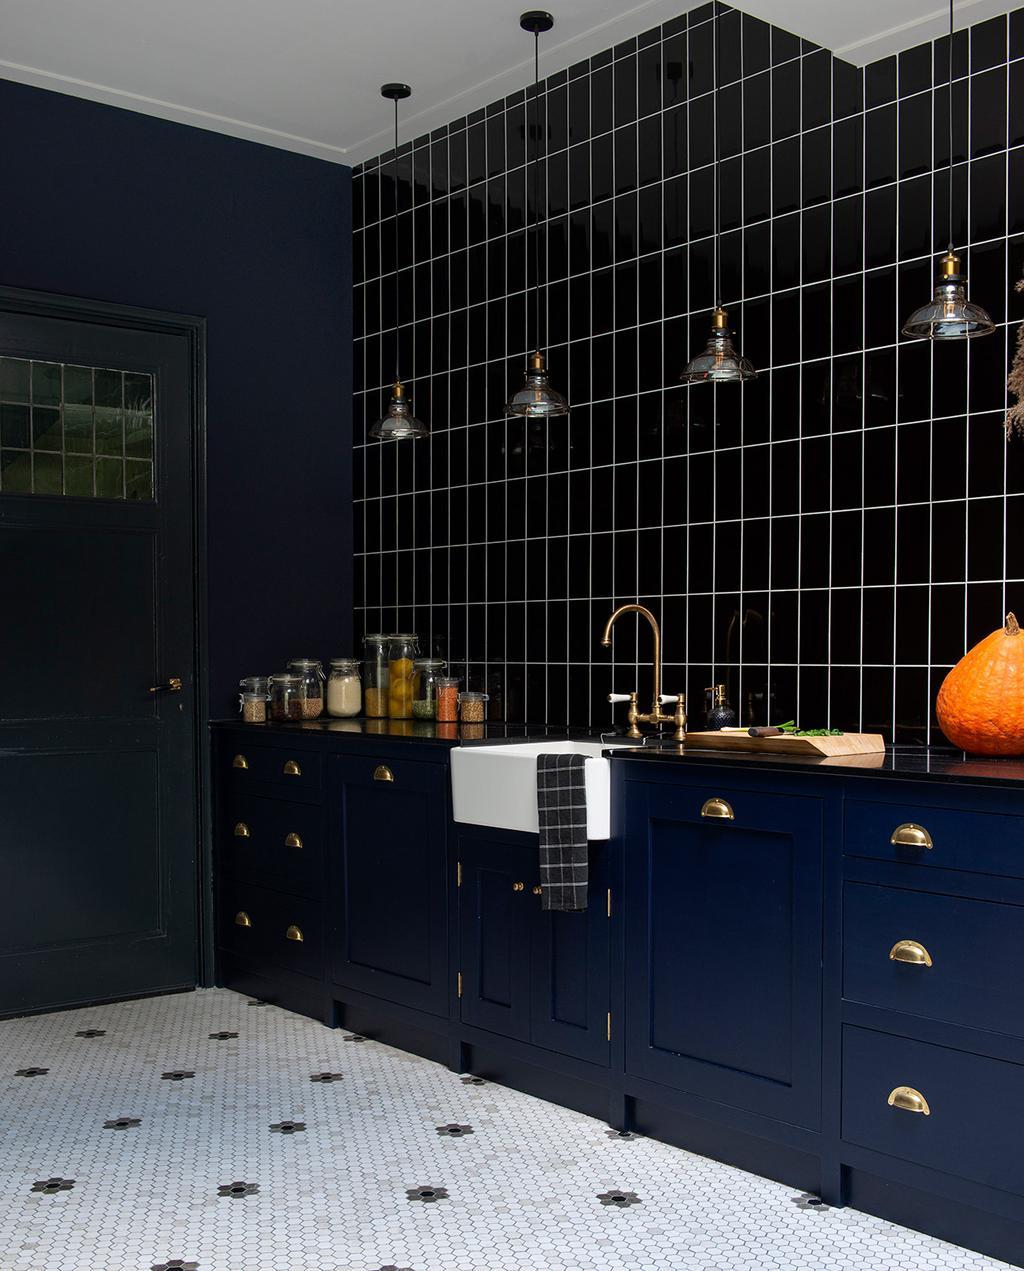 vtwonen 03-2021 | keuken in art deco stijl met gouden hanglampen